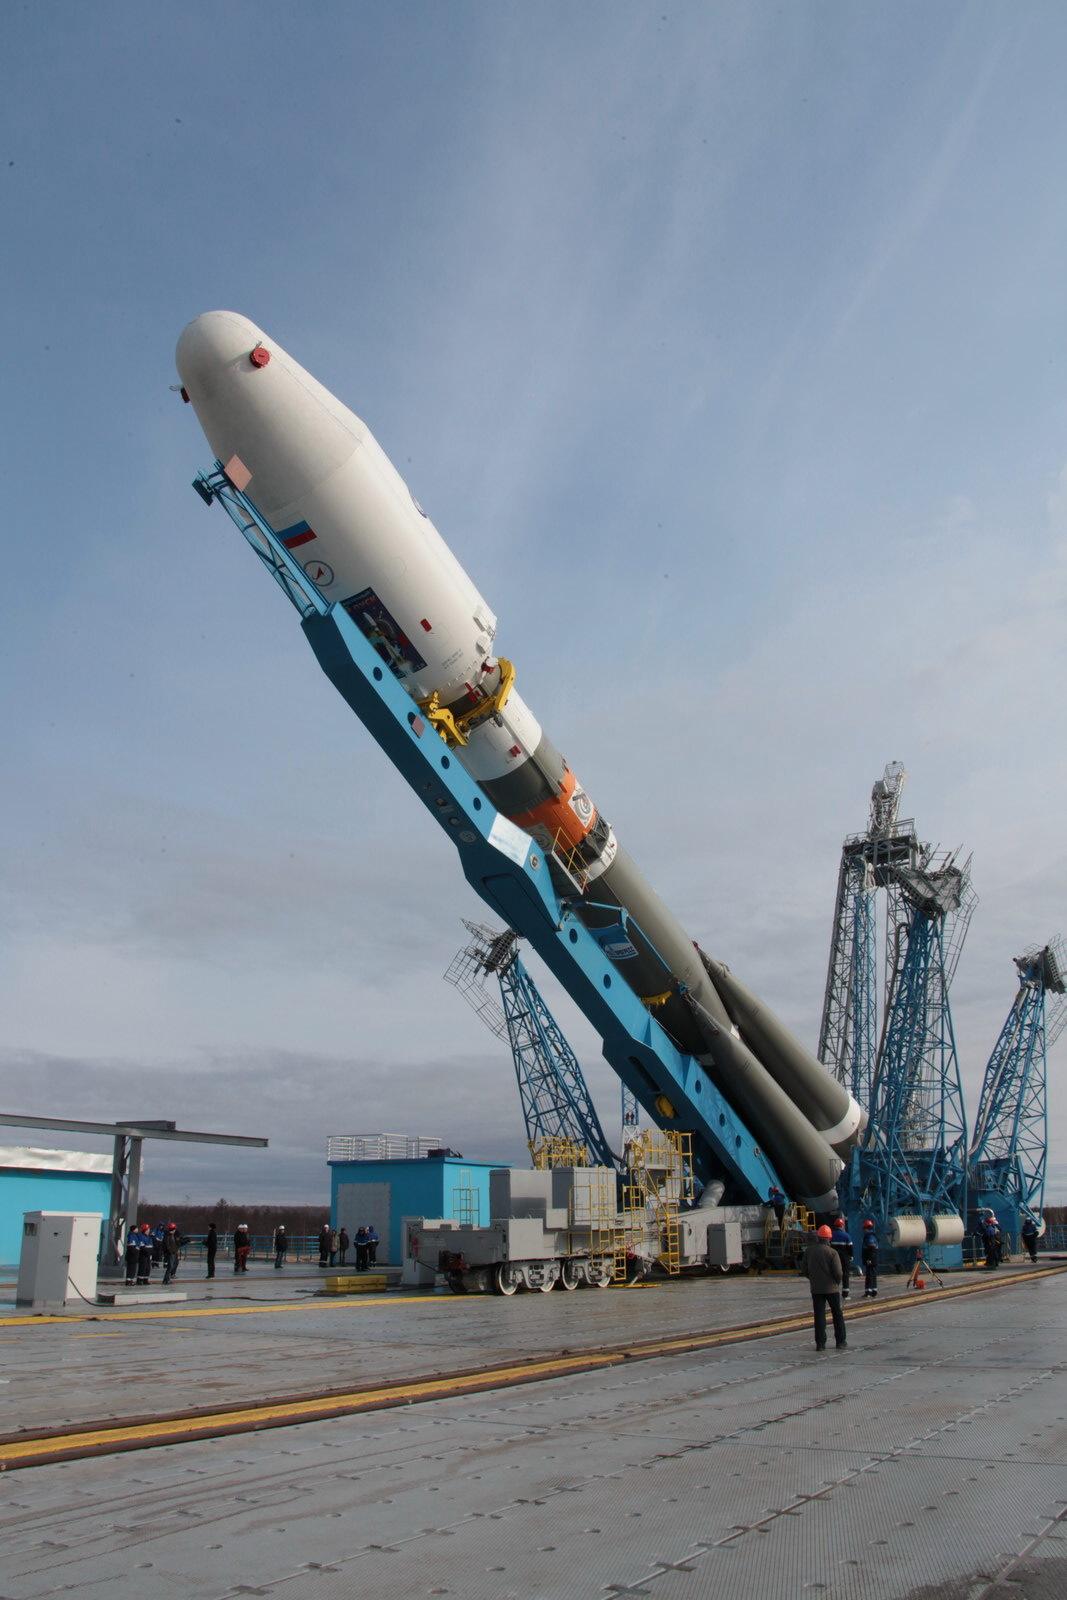 На космодроме Восточный установили ракету-носитель «Союз 2.1а» для первого запуска - 13